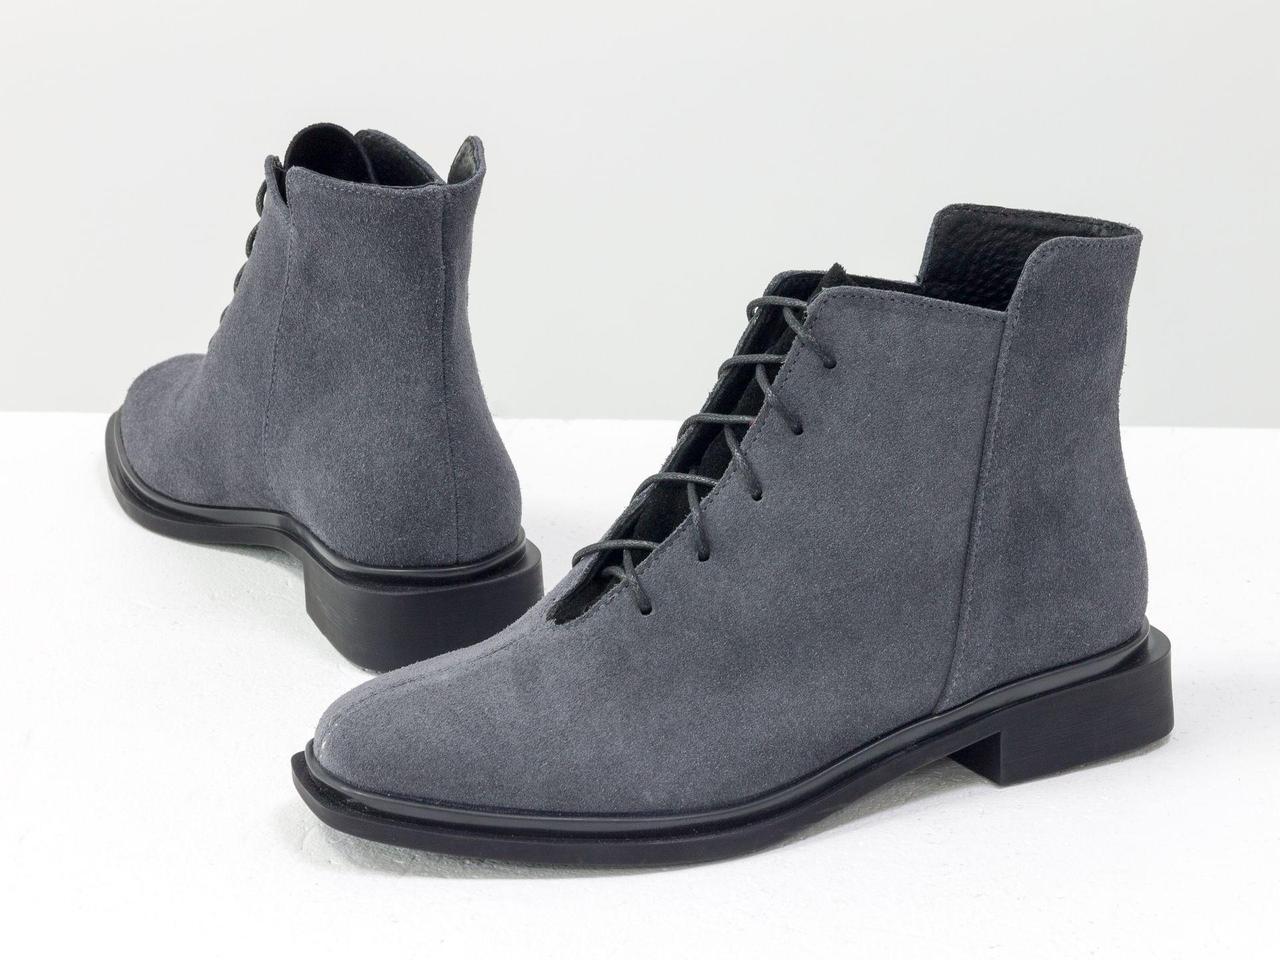 Ботинки классические серого и черного цвета из итальянской натуральной замши